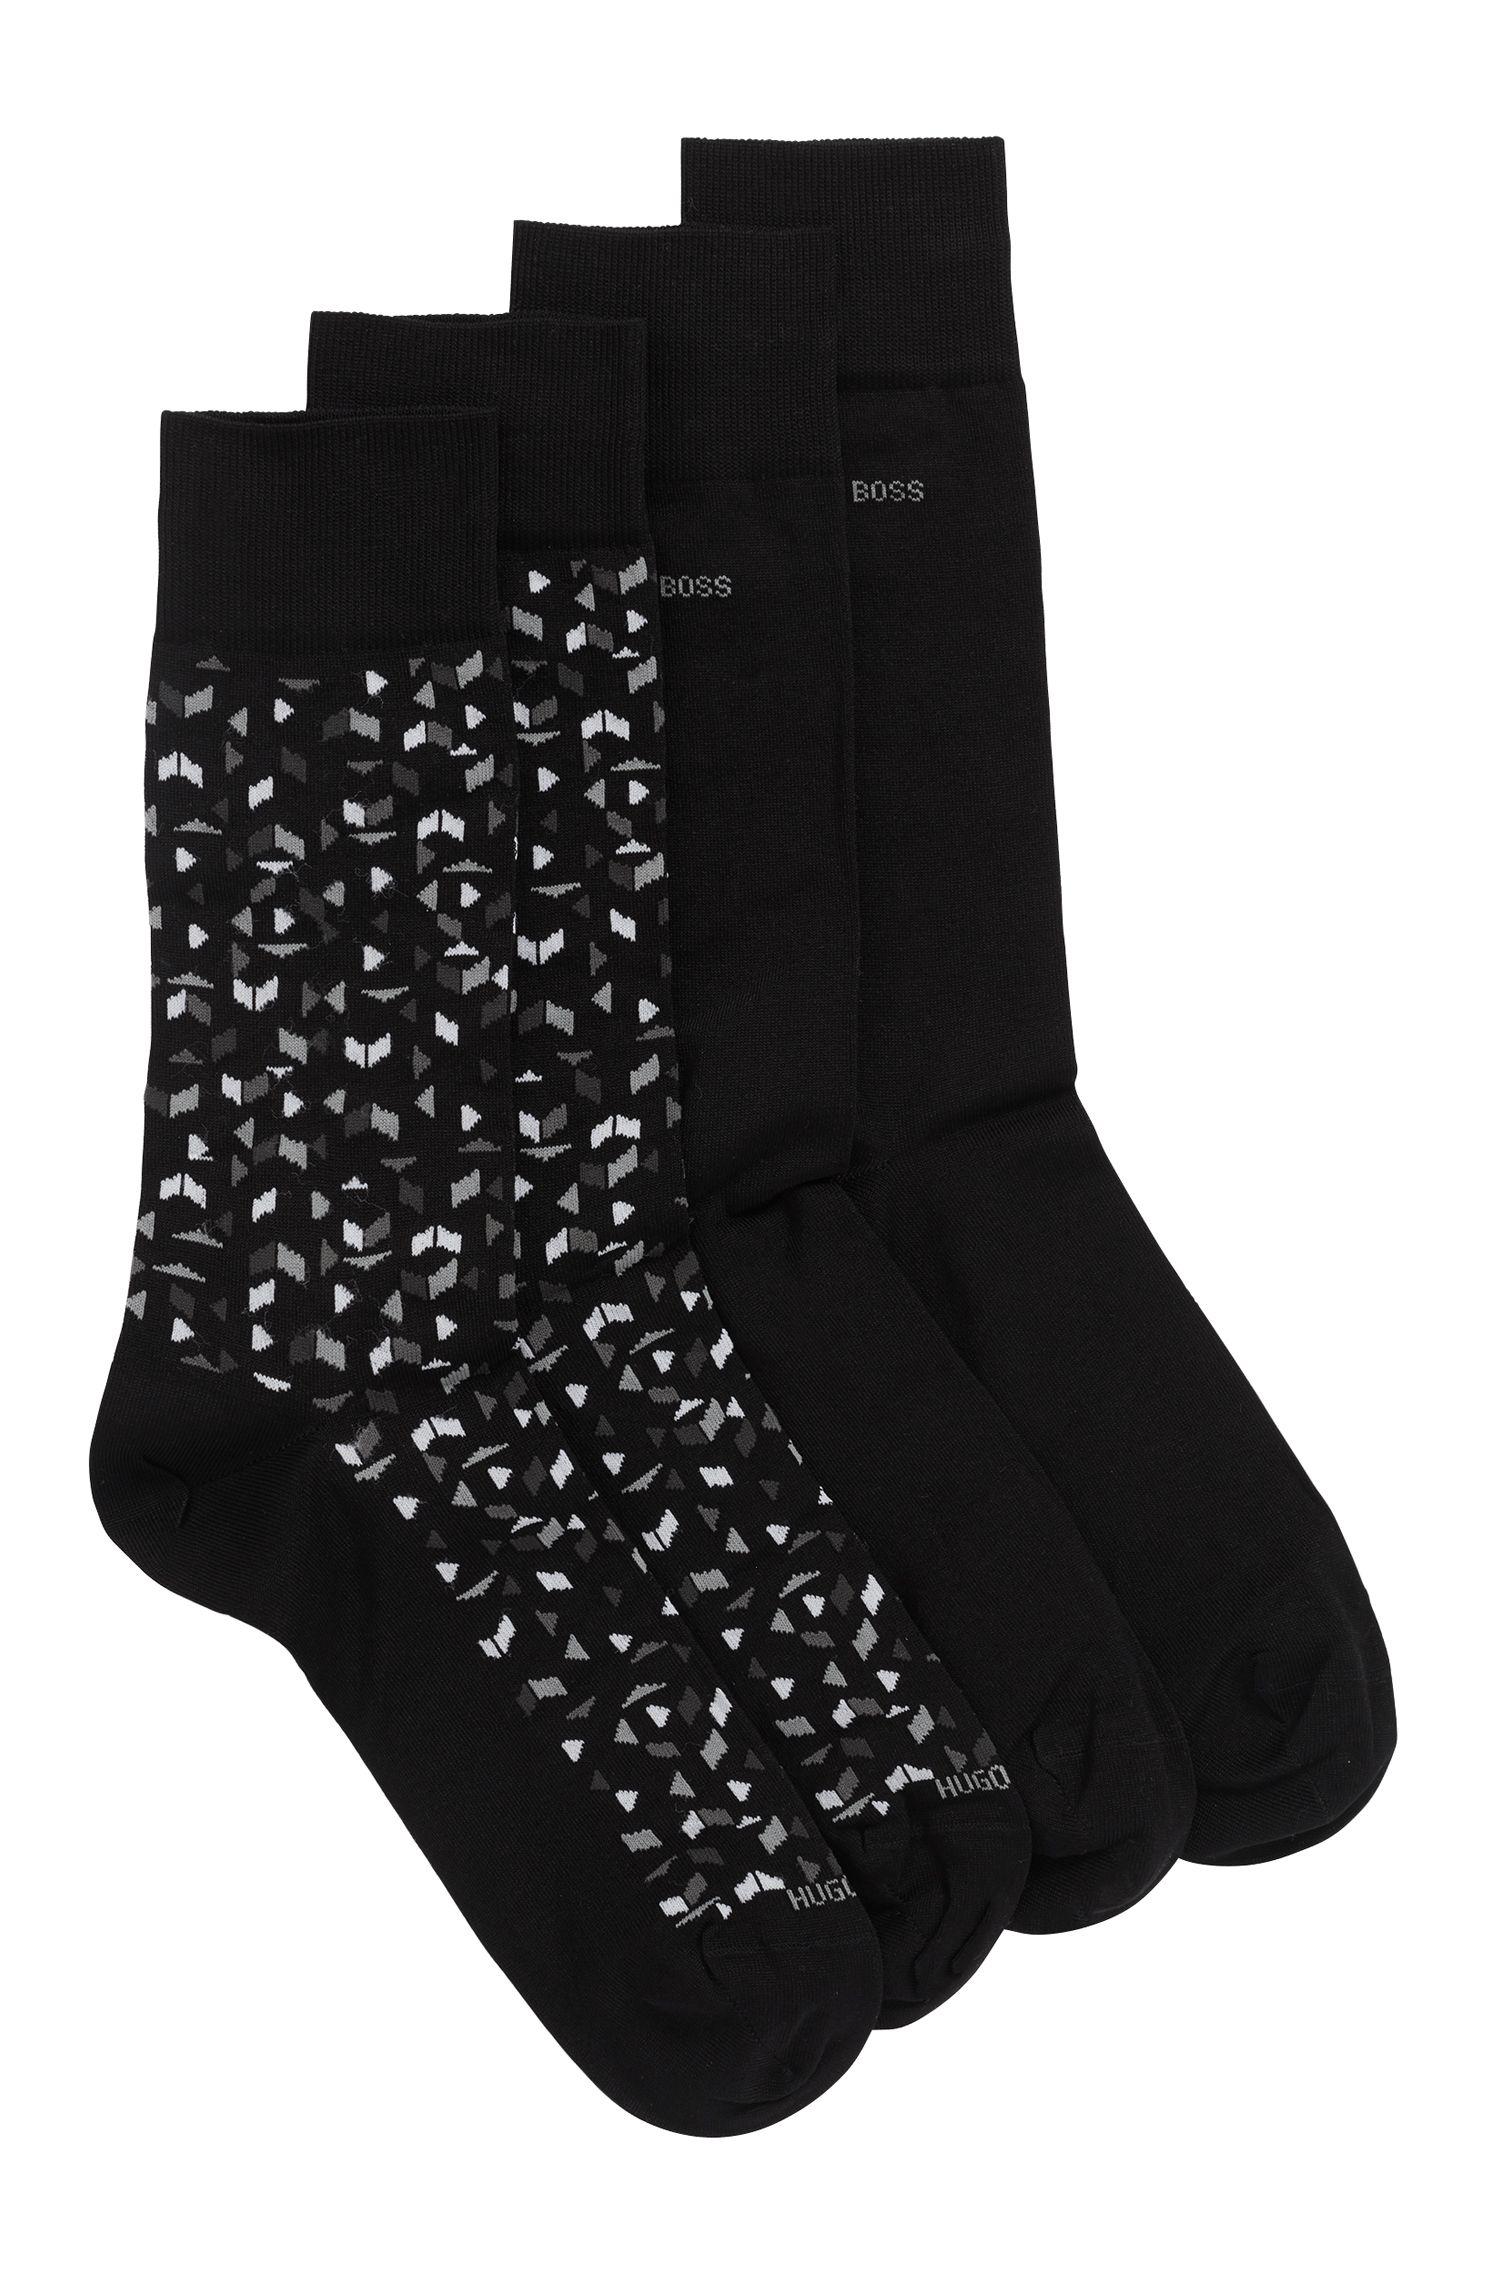 Socken aus merzerisiertem Baumwoll-Mix im Zweier-Pack, Schwarz